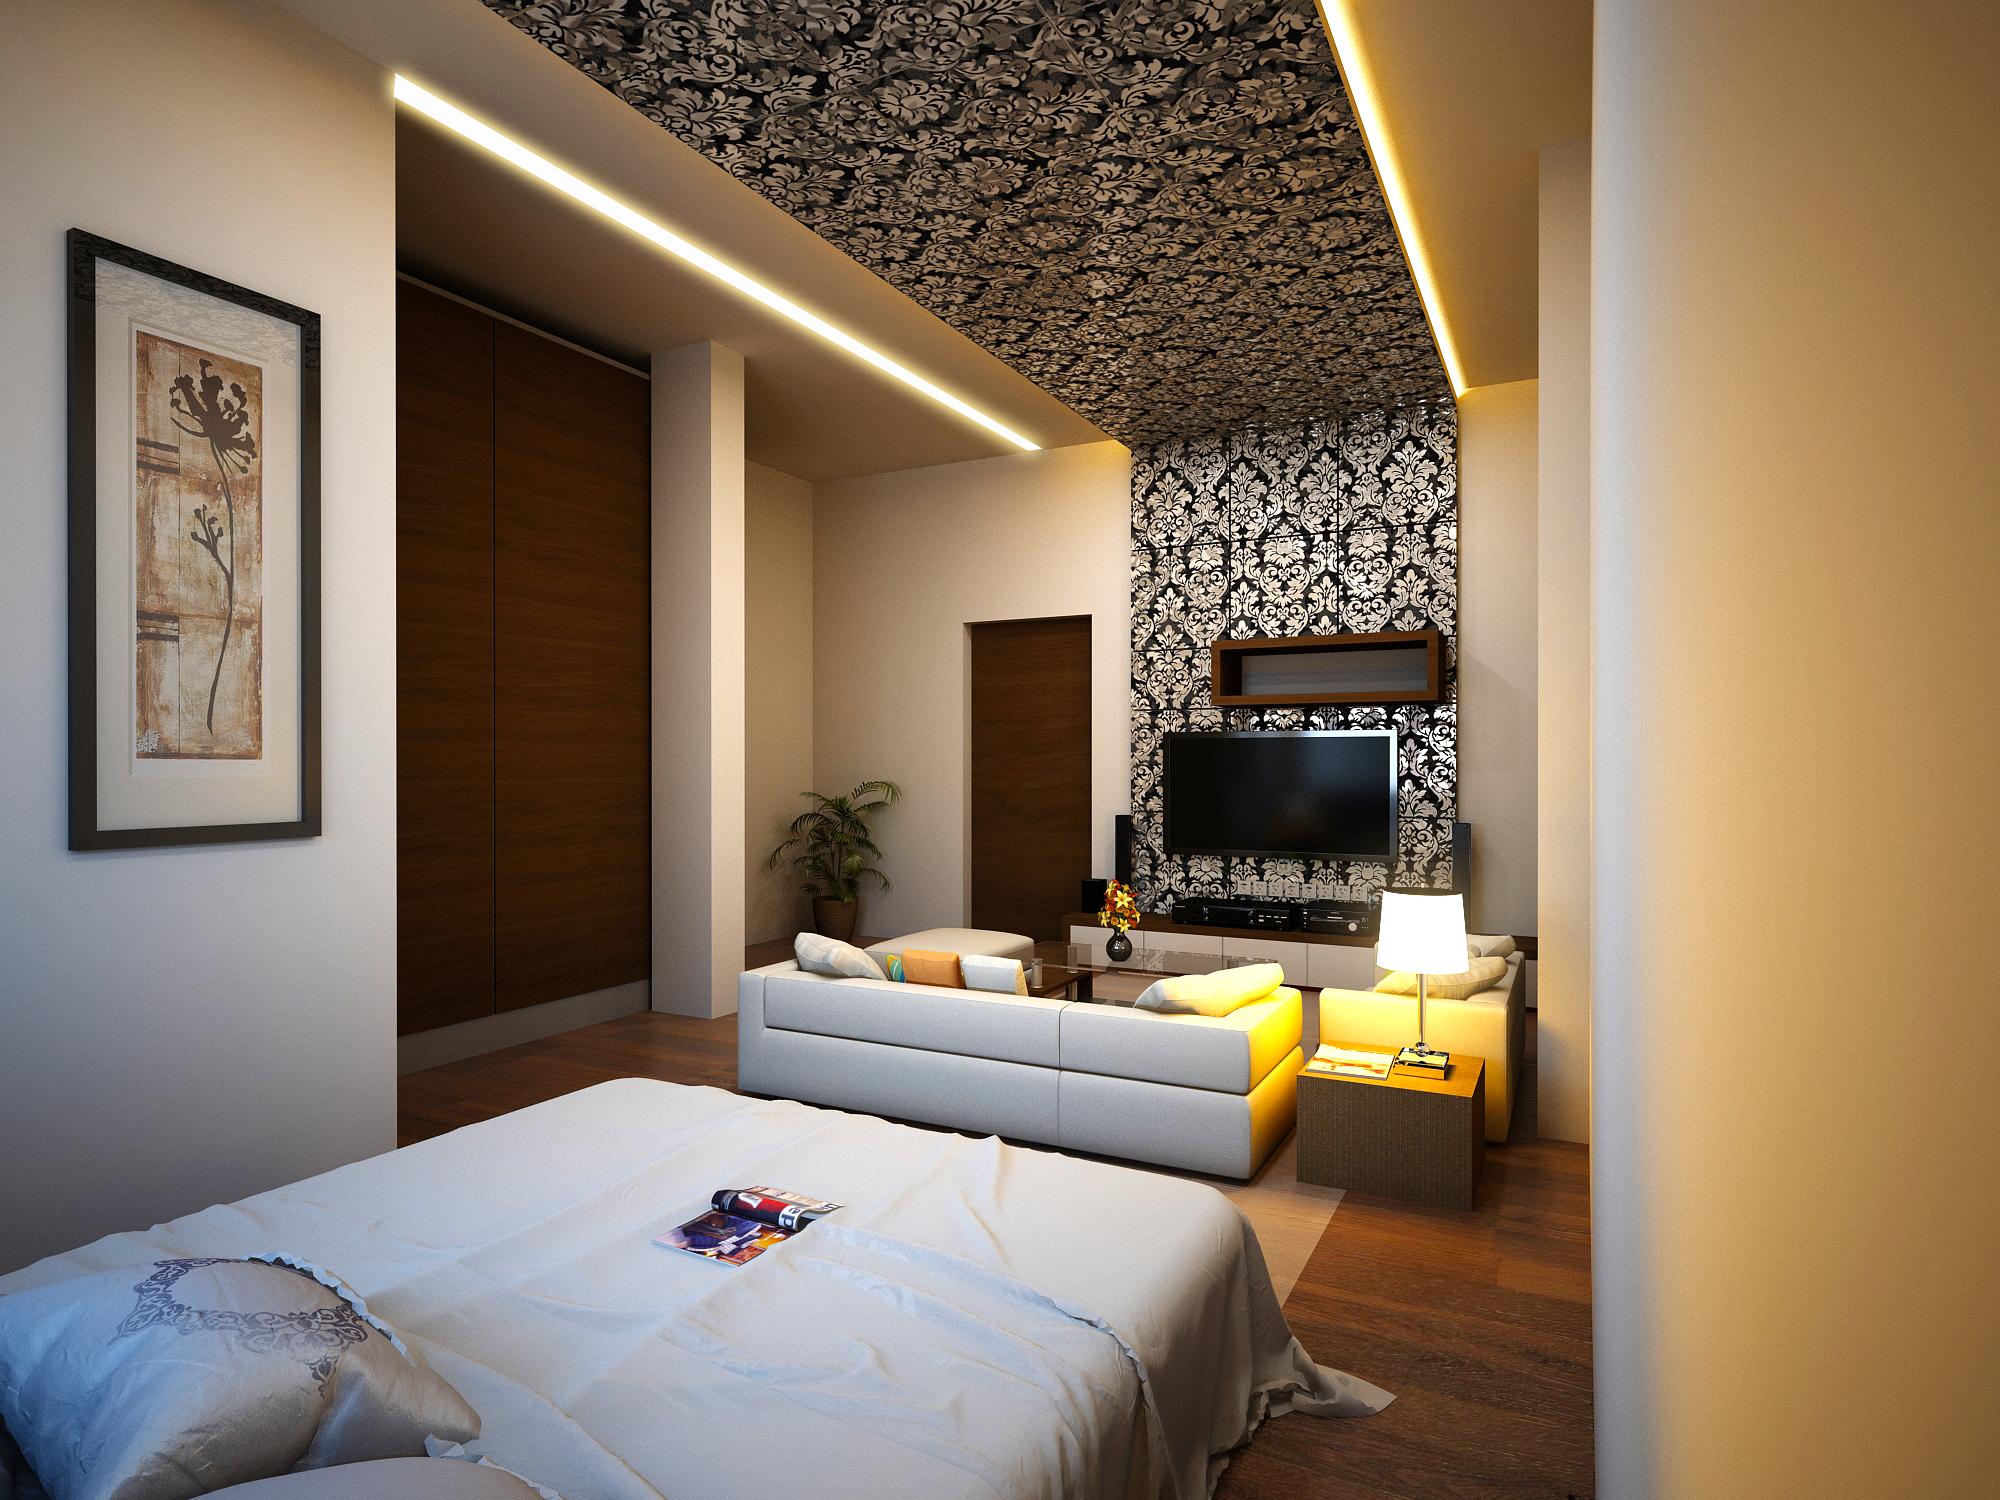 بالصور الوان غرف نوم , بالصور اجمل الوان لغرف النوم 3377 12